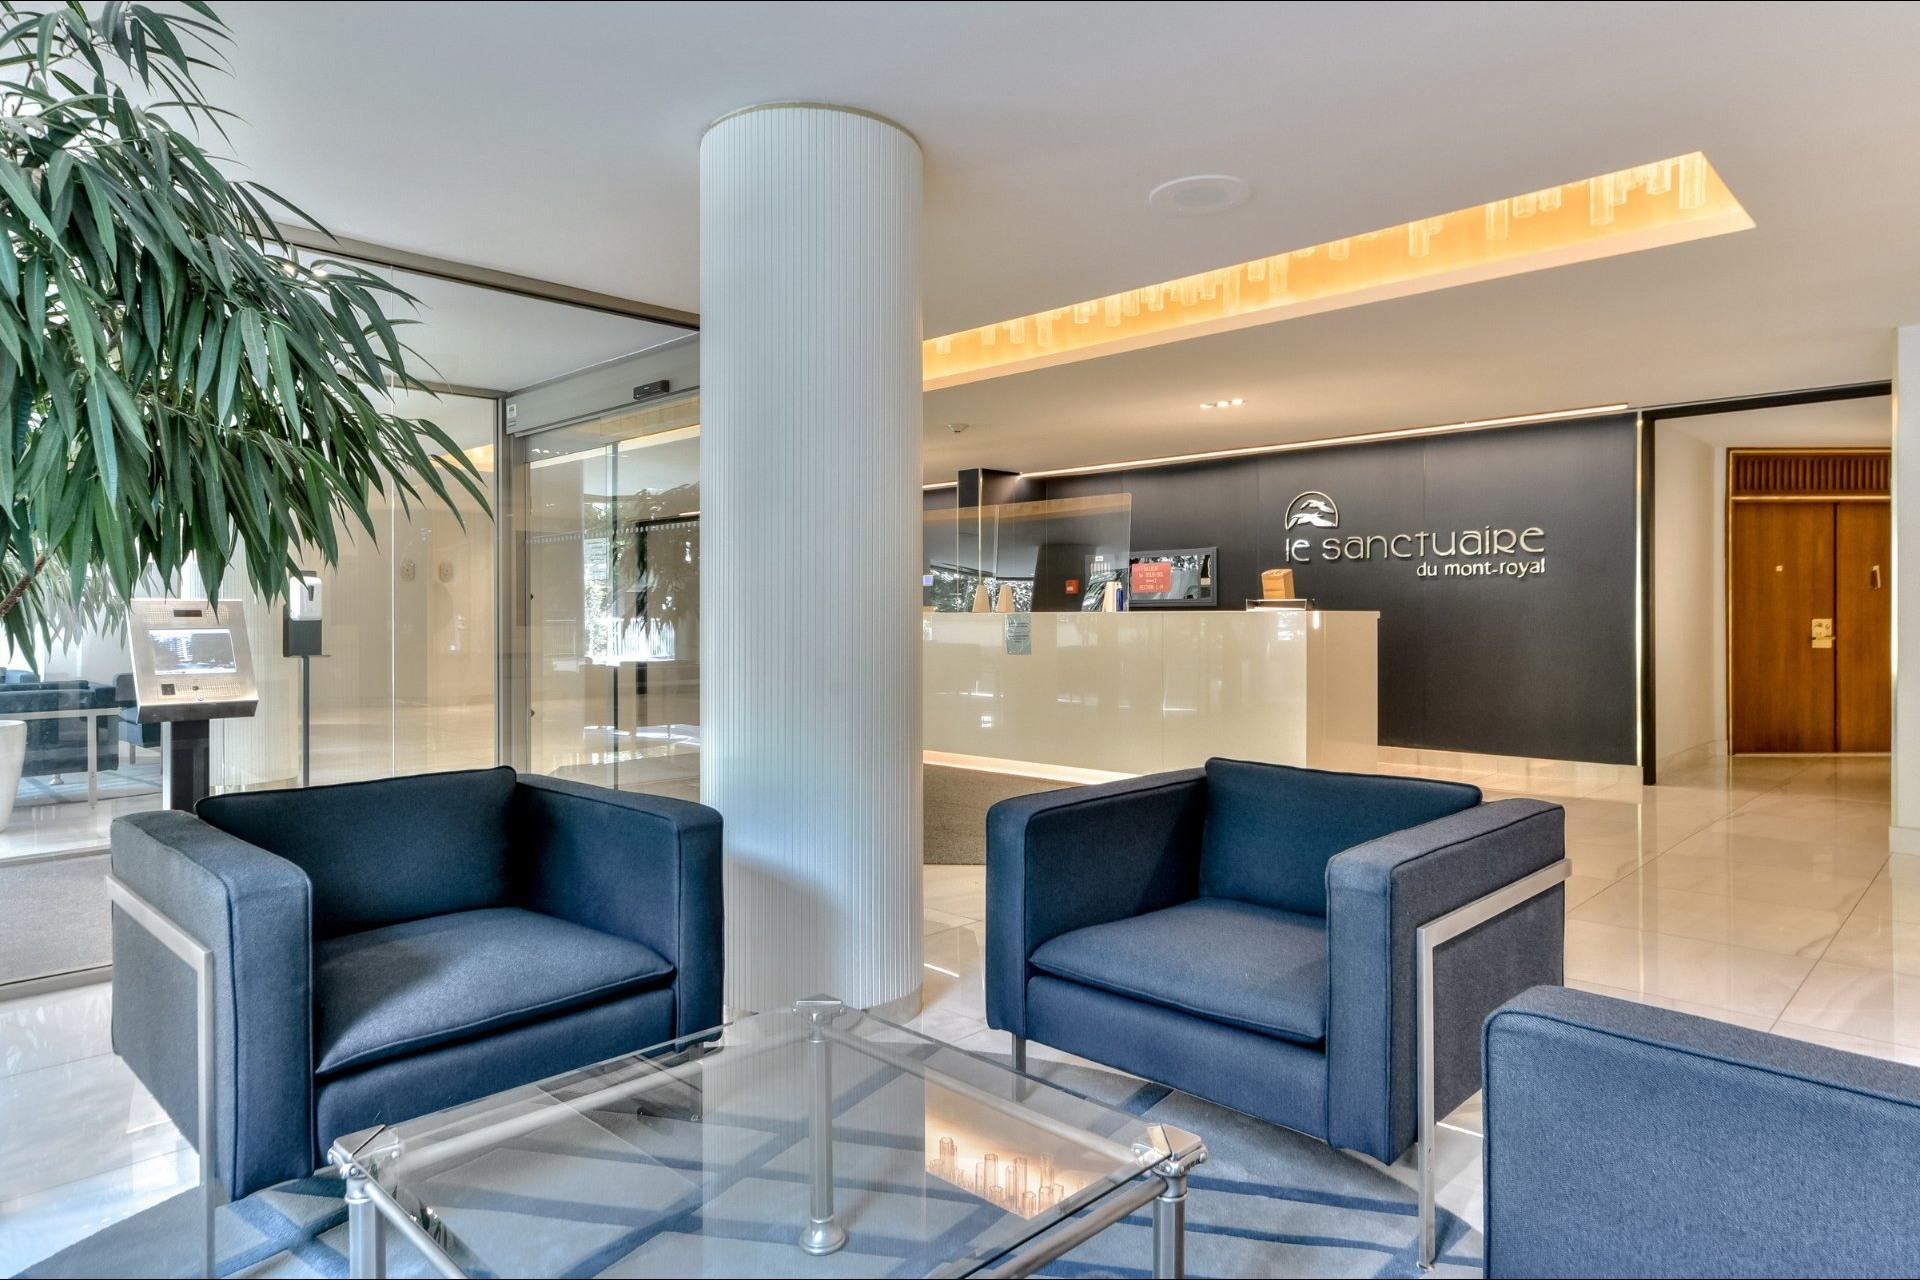 image 37 - 公寓 出售 Côte-des-Neiges/Notre-Dame-de-Grâce Montréal  - 12 室